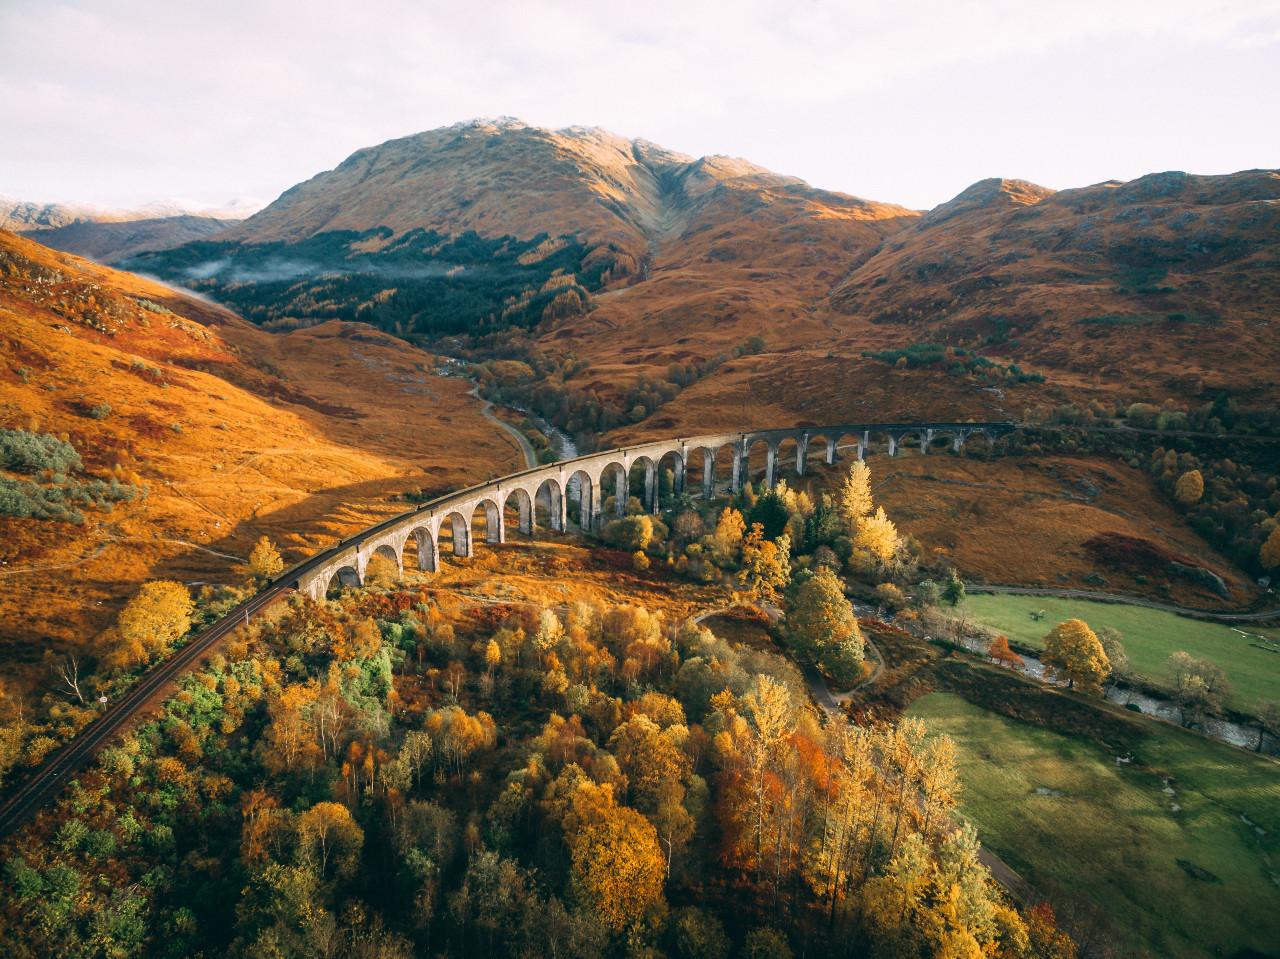 Highlands in autumn